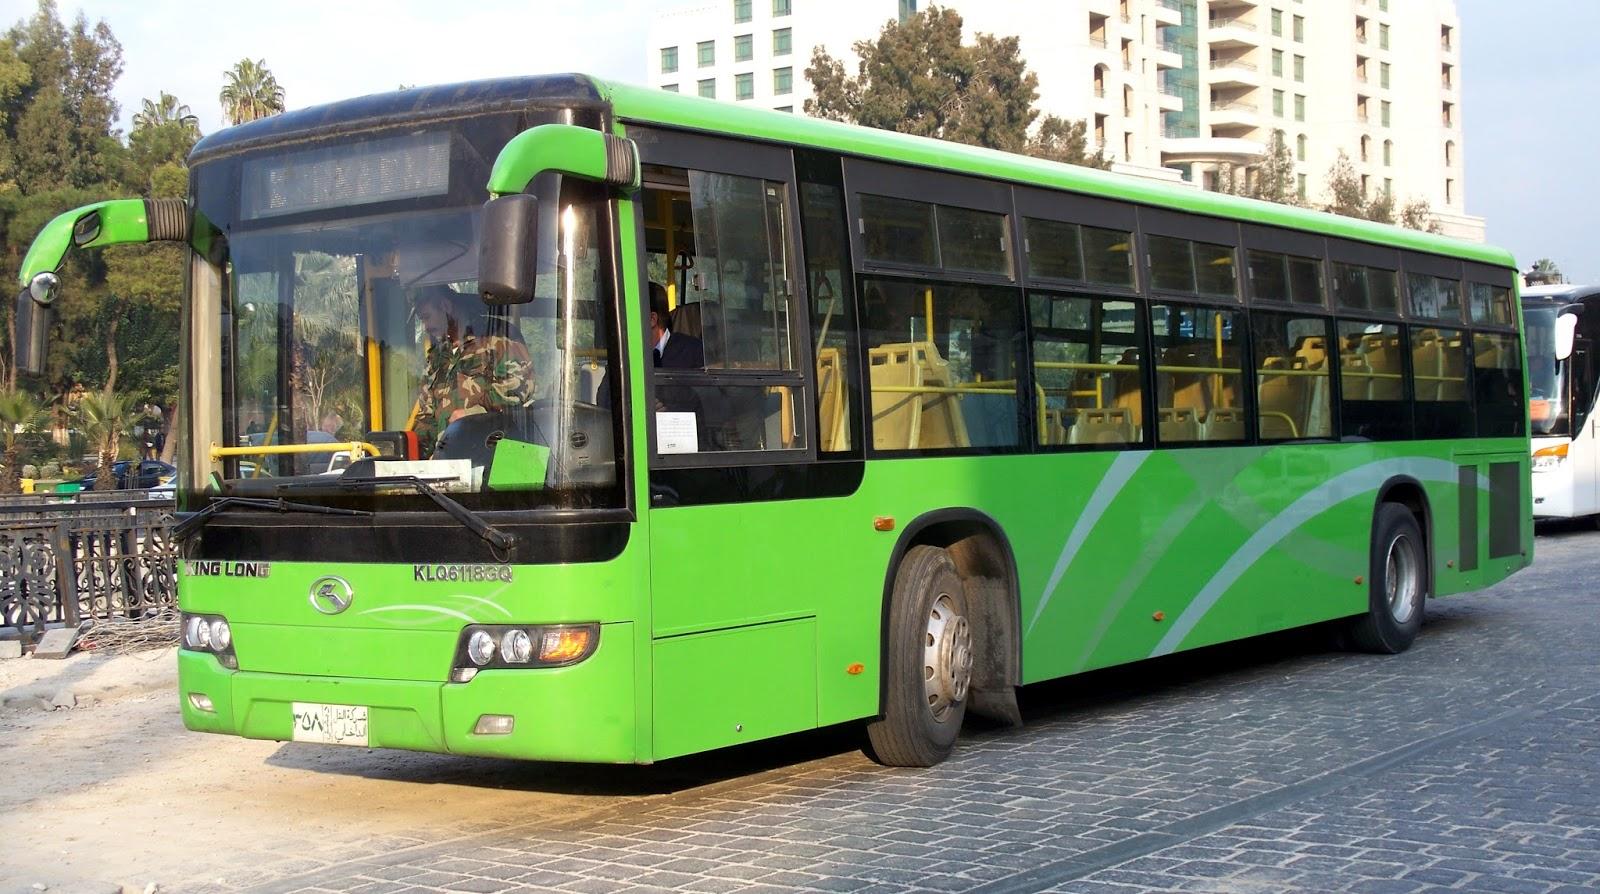 تفسير رؤية حلم ركوب الحافلة أو الباص في المنام لابن سيرين